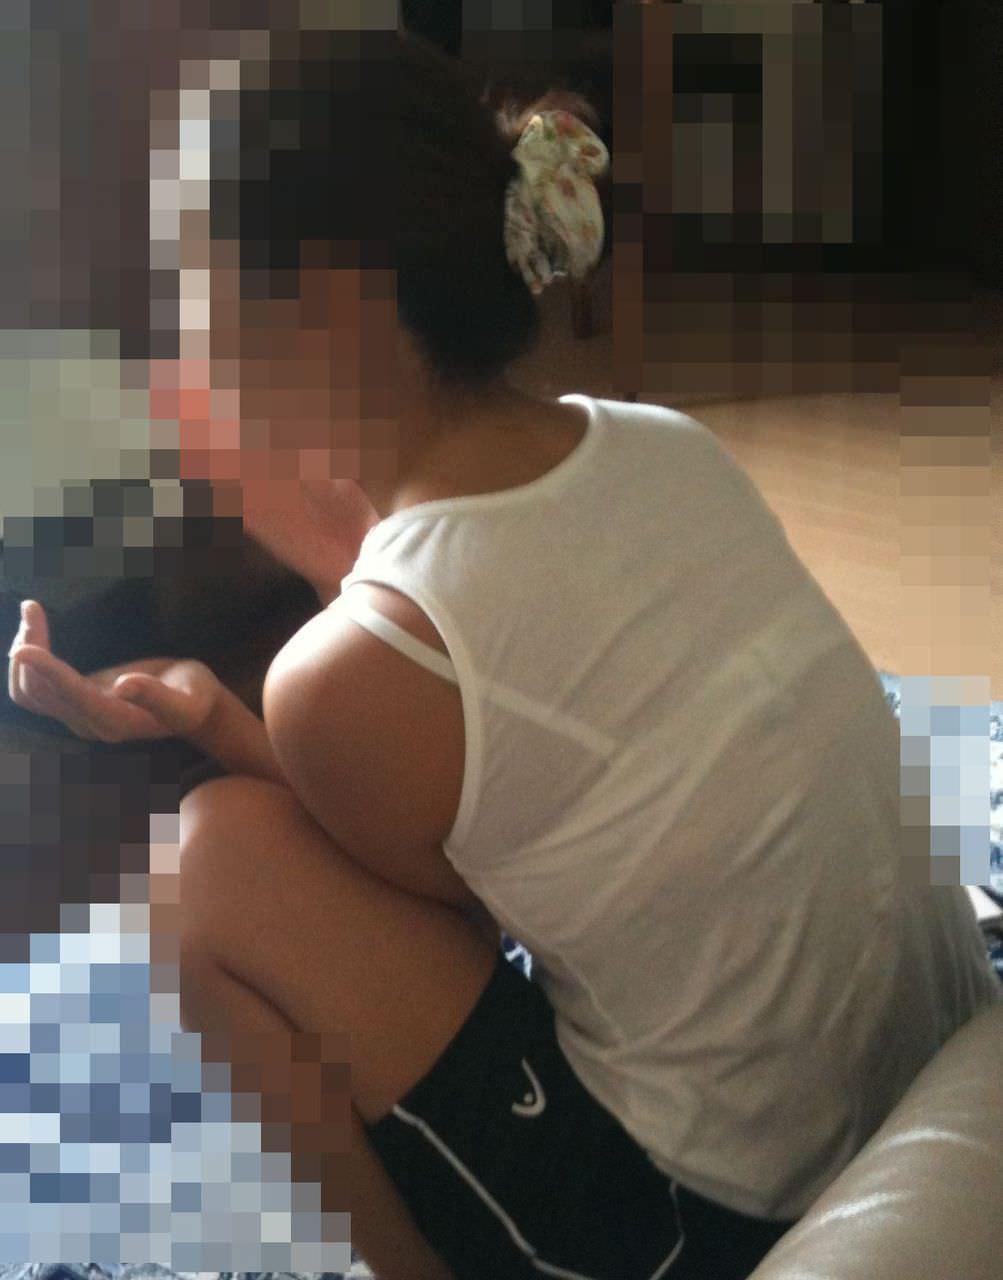 スヤスヤ眠る奥さんや姉のだらしないスケベな格好してる家庭内盗撮エロ画像 2415